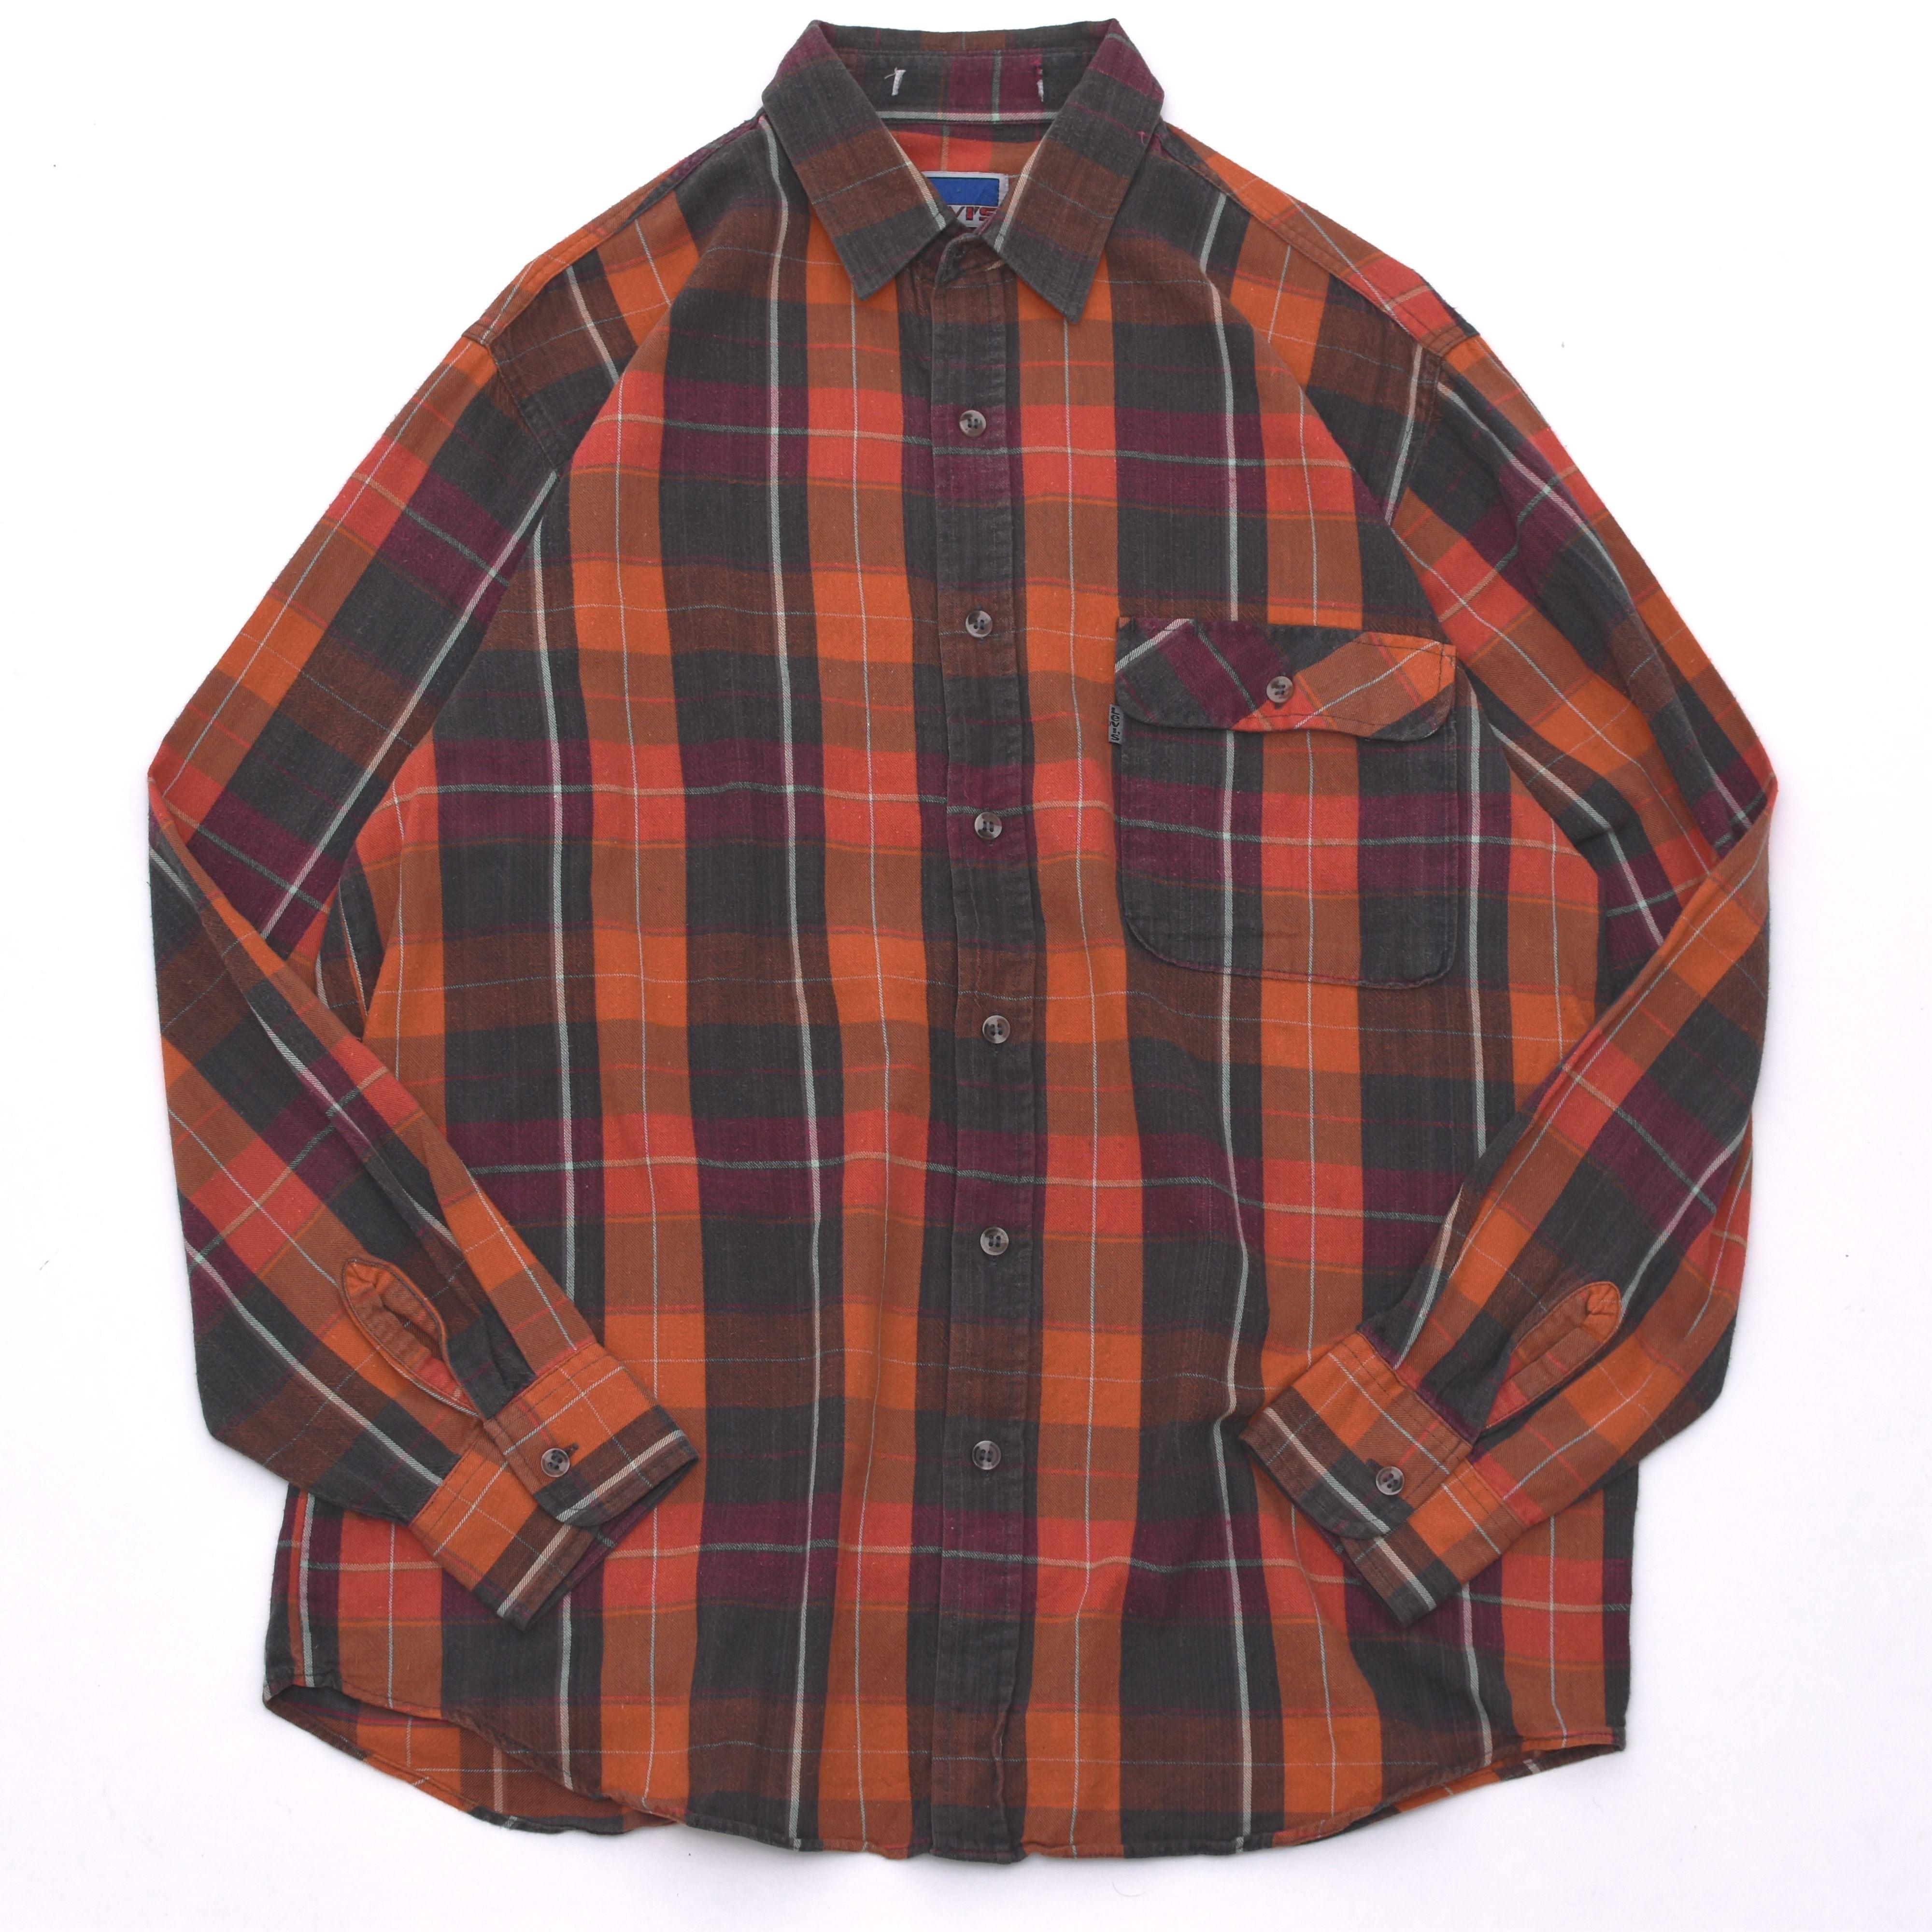 vintage Levi's cotton check shirt